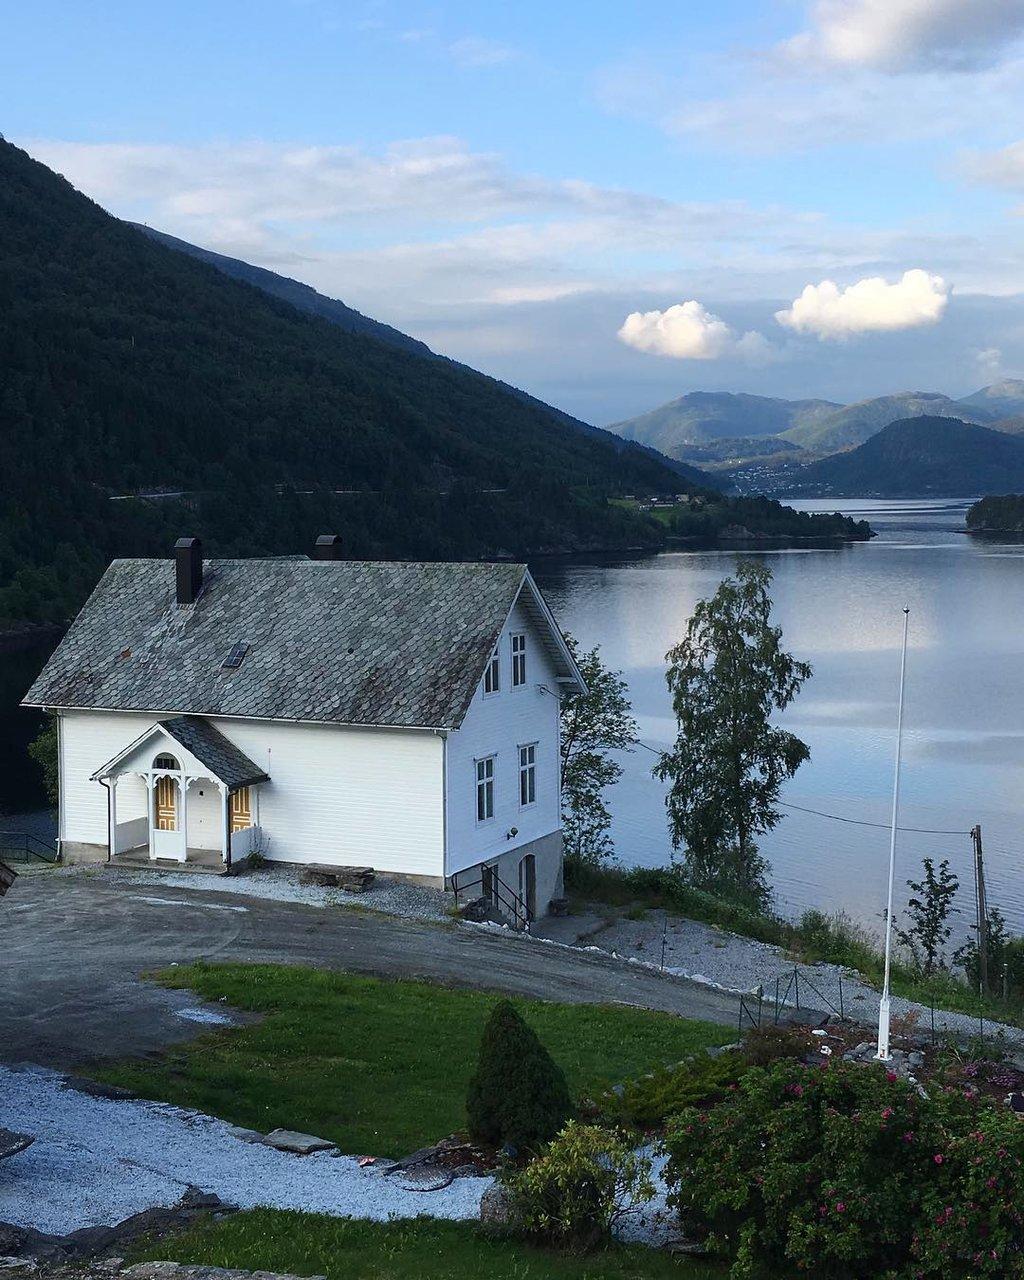 Bilete av kvitt skulehus med fjord og fjell i bakgrunnen.